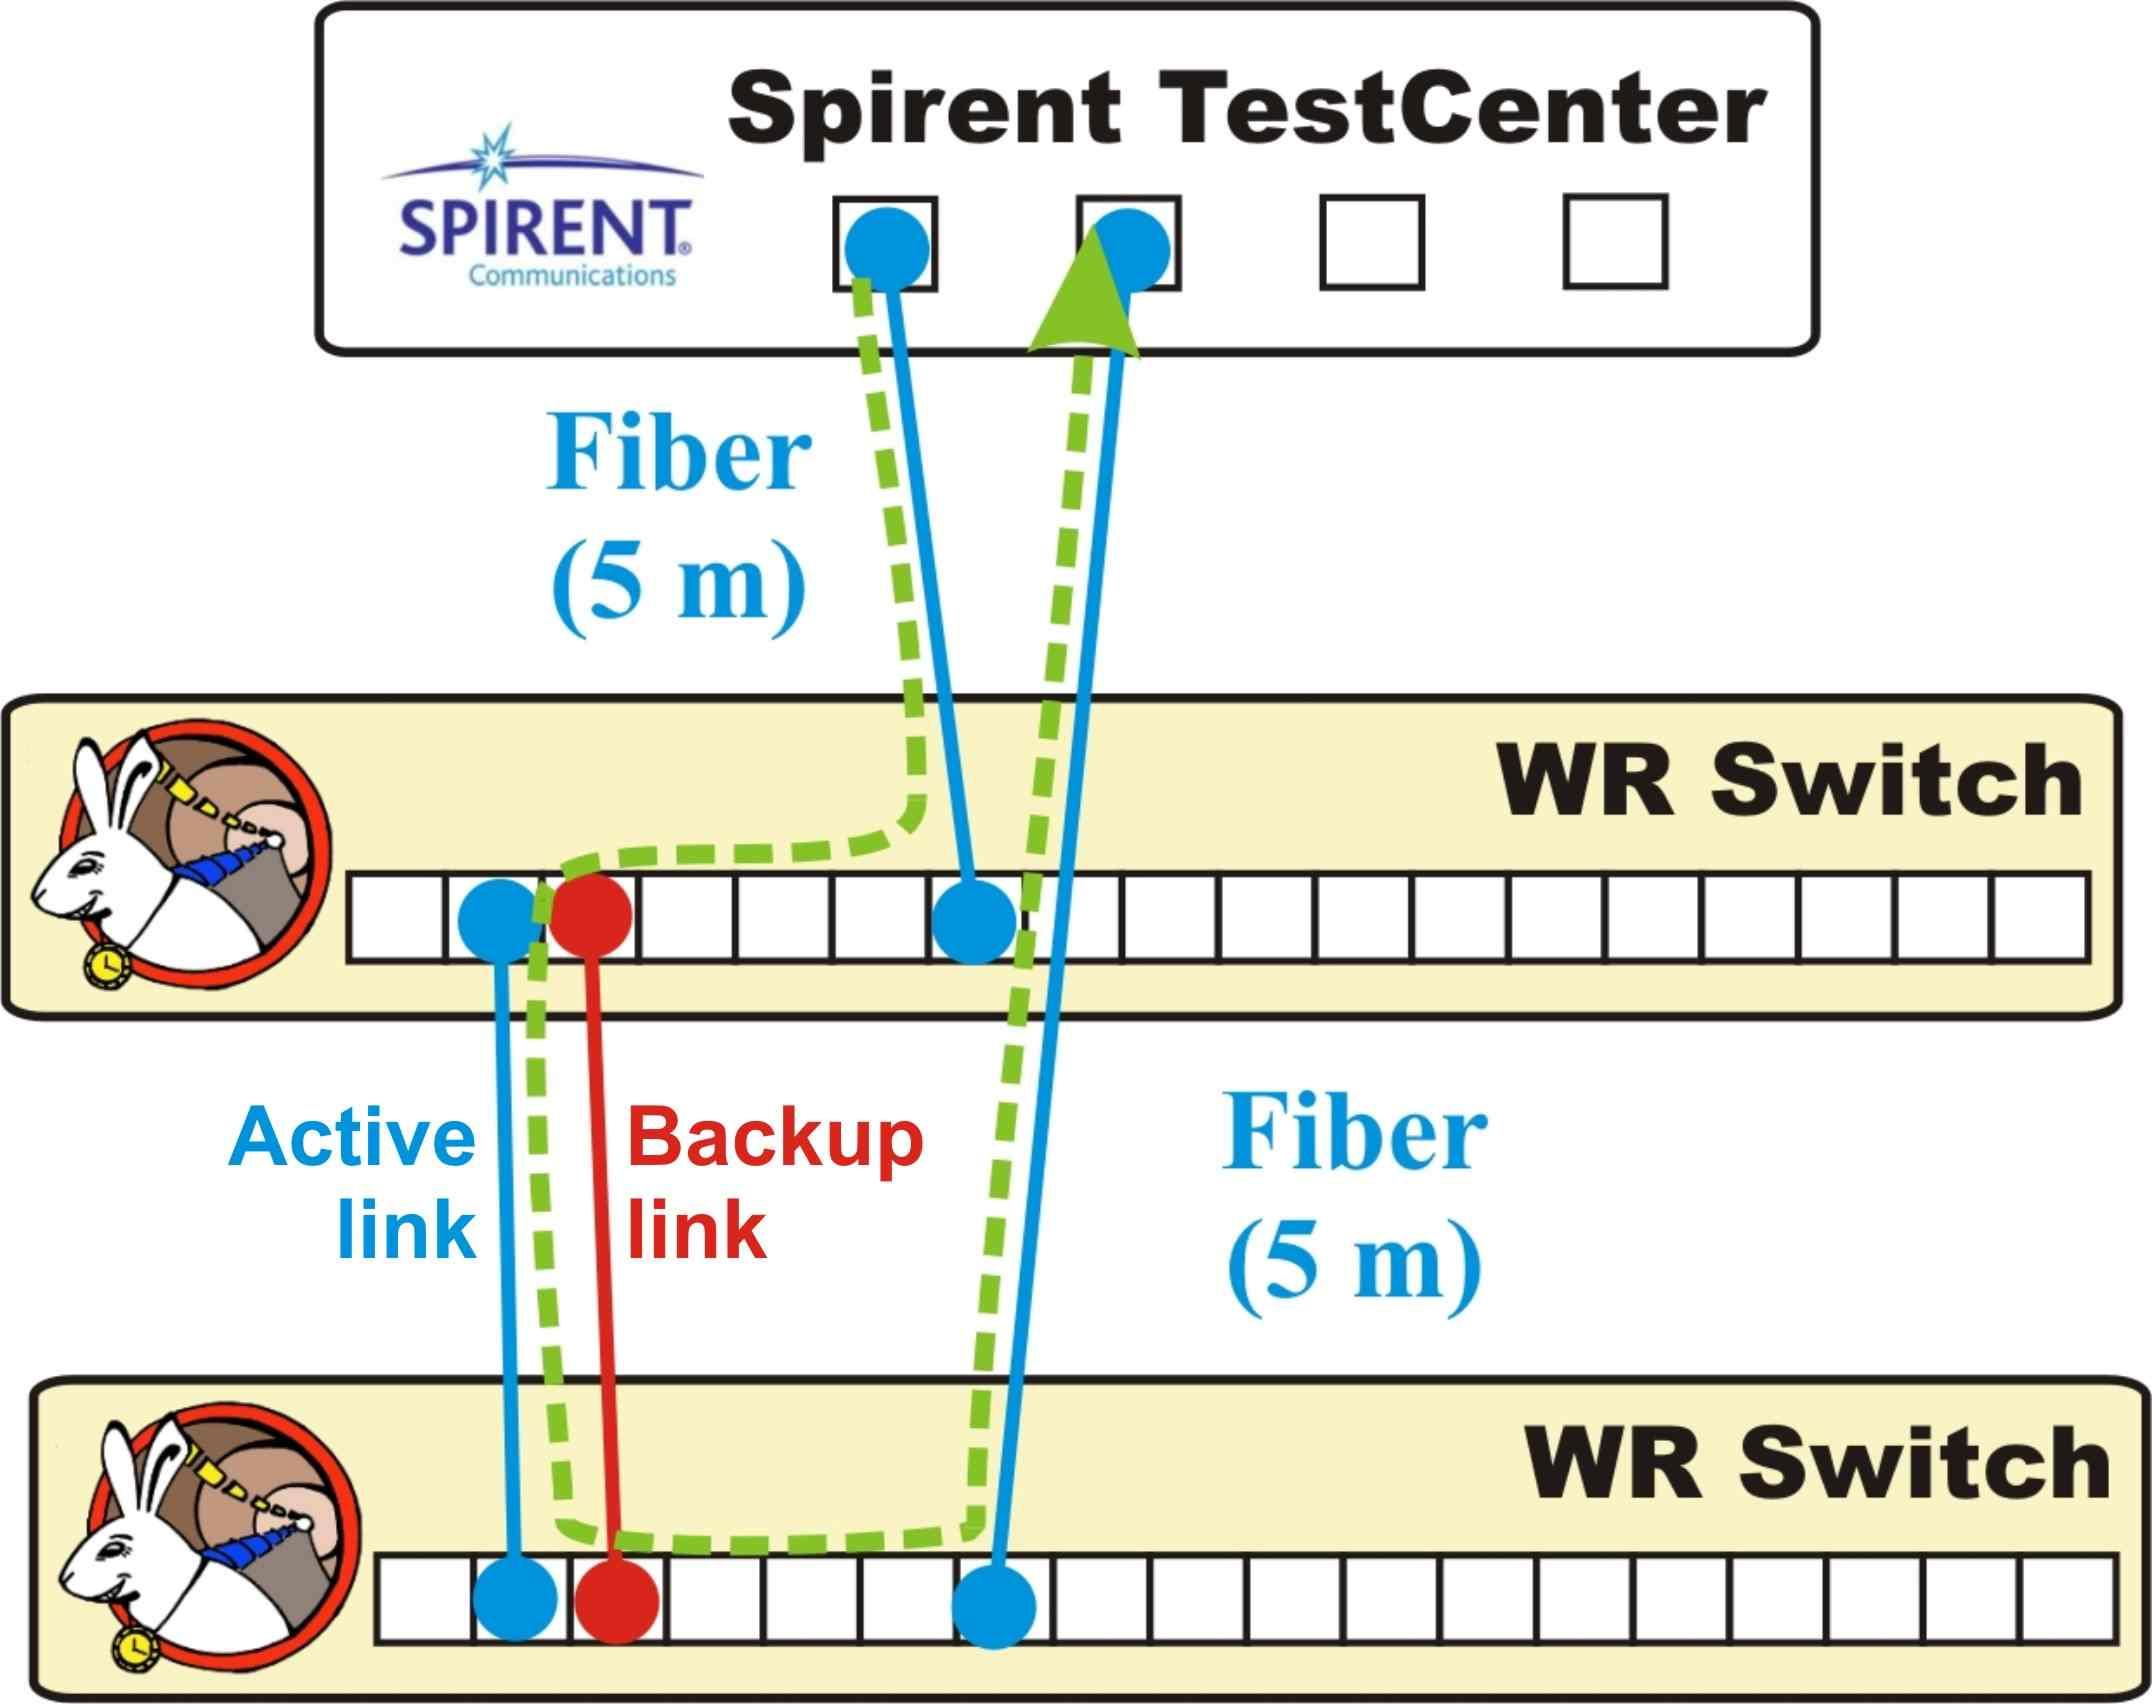 figures/robustness/spirent_tests_setups-1.jpg